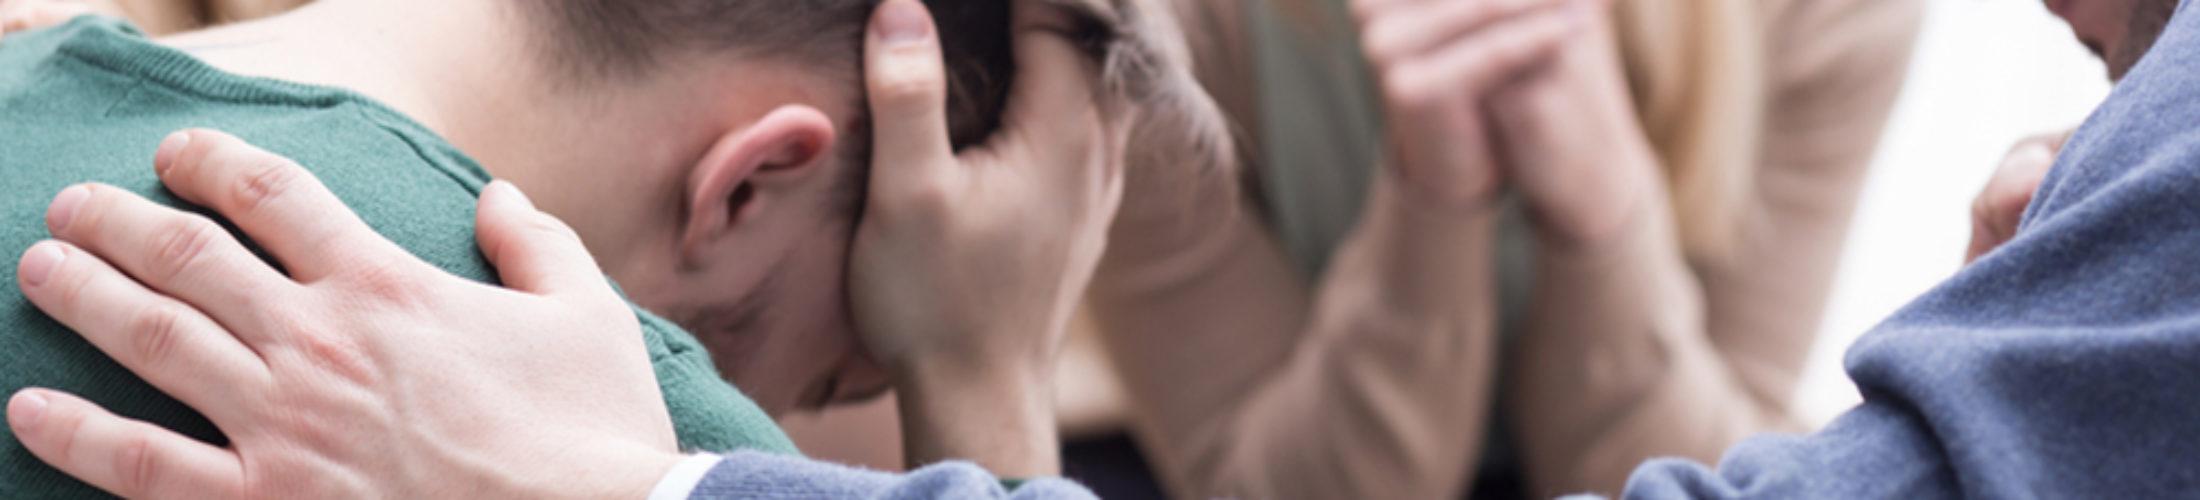 Angehörige von seelisch Erkrankten sind verlässliche Partner an deren Seite